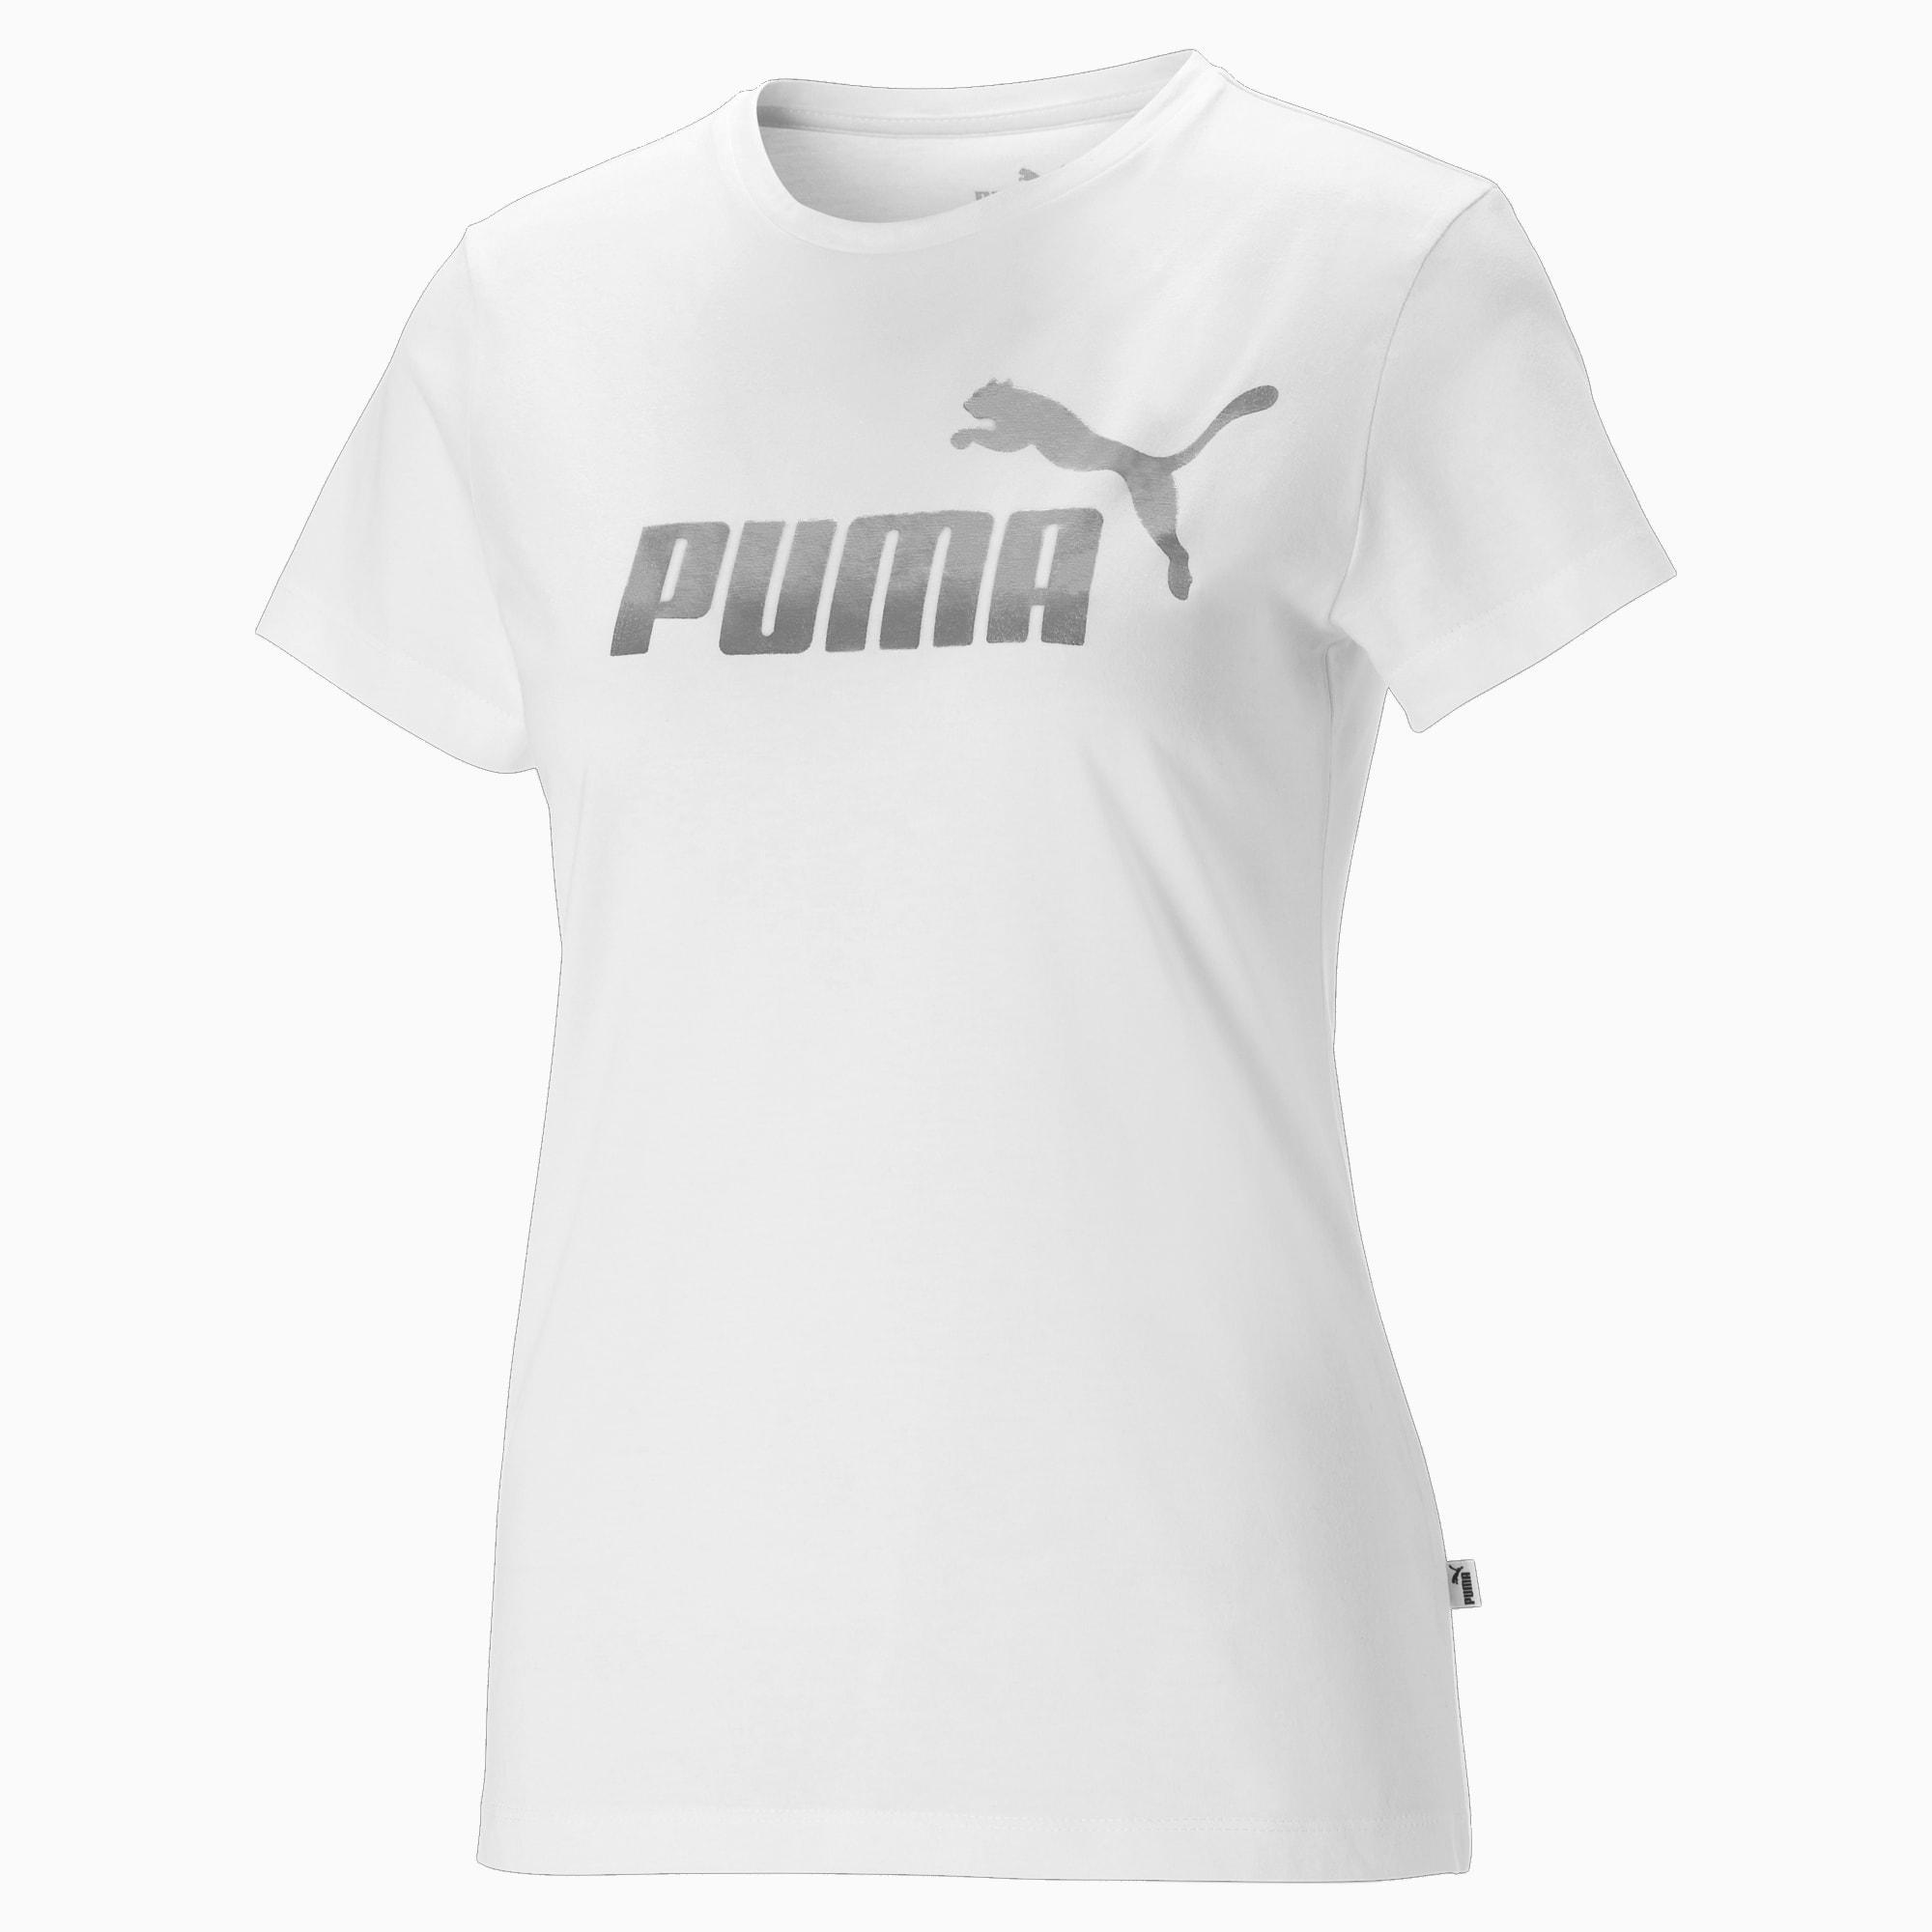 puma -  Essentials+ Metallic Logo Damen T-Shirt   Mit Aucun   Weiß/Silber   Größe: M